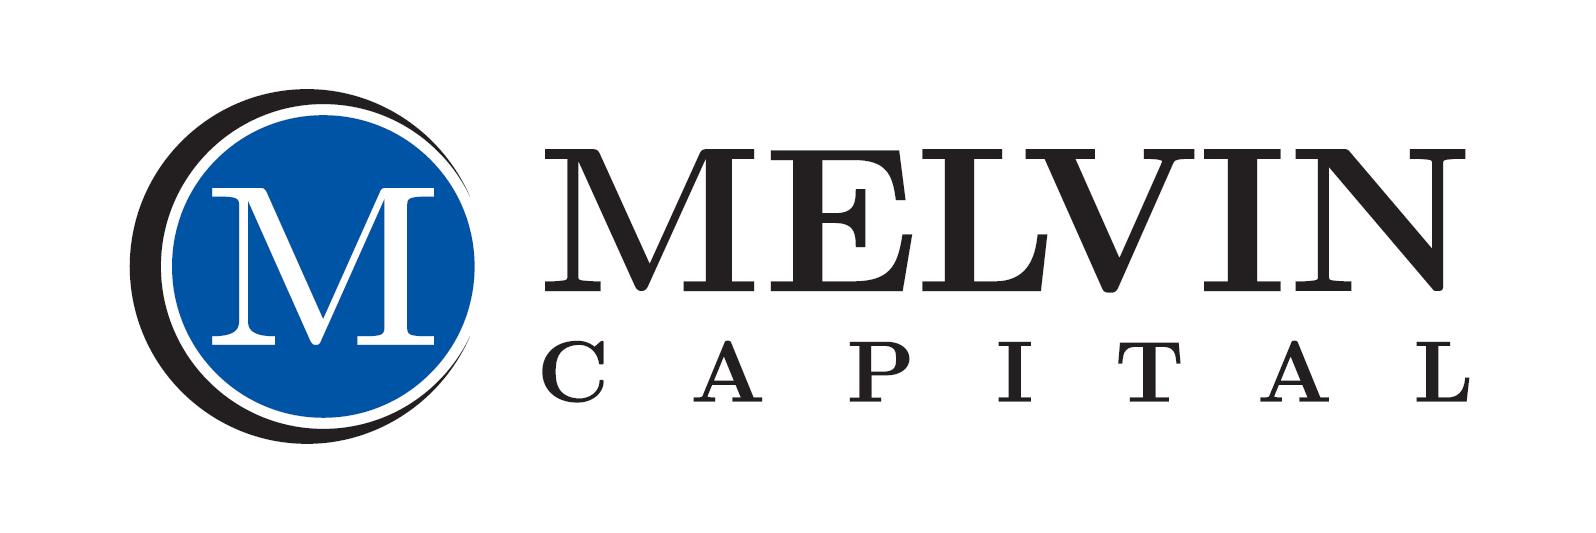 Melvin Capital